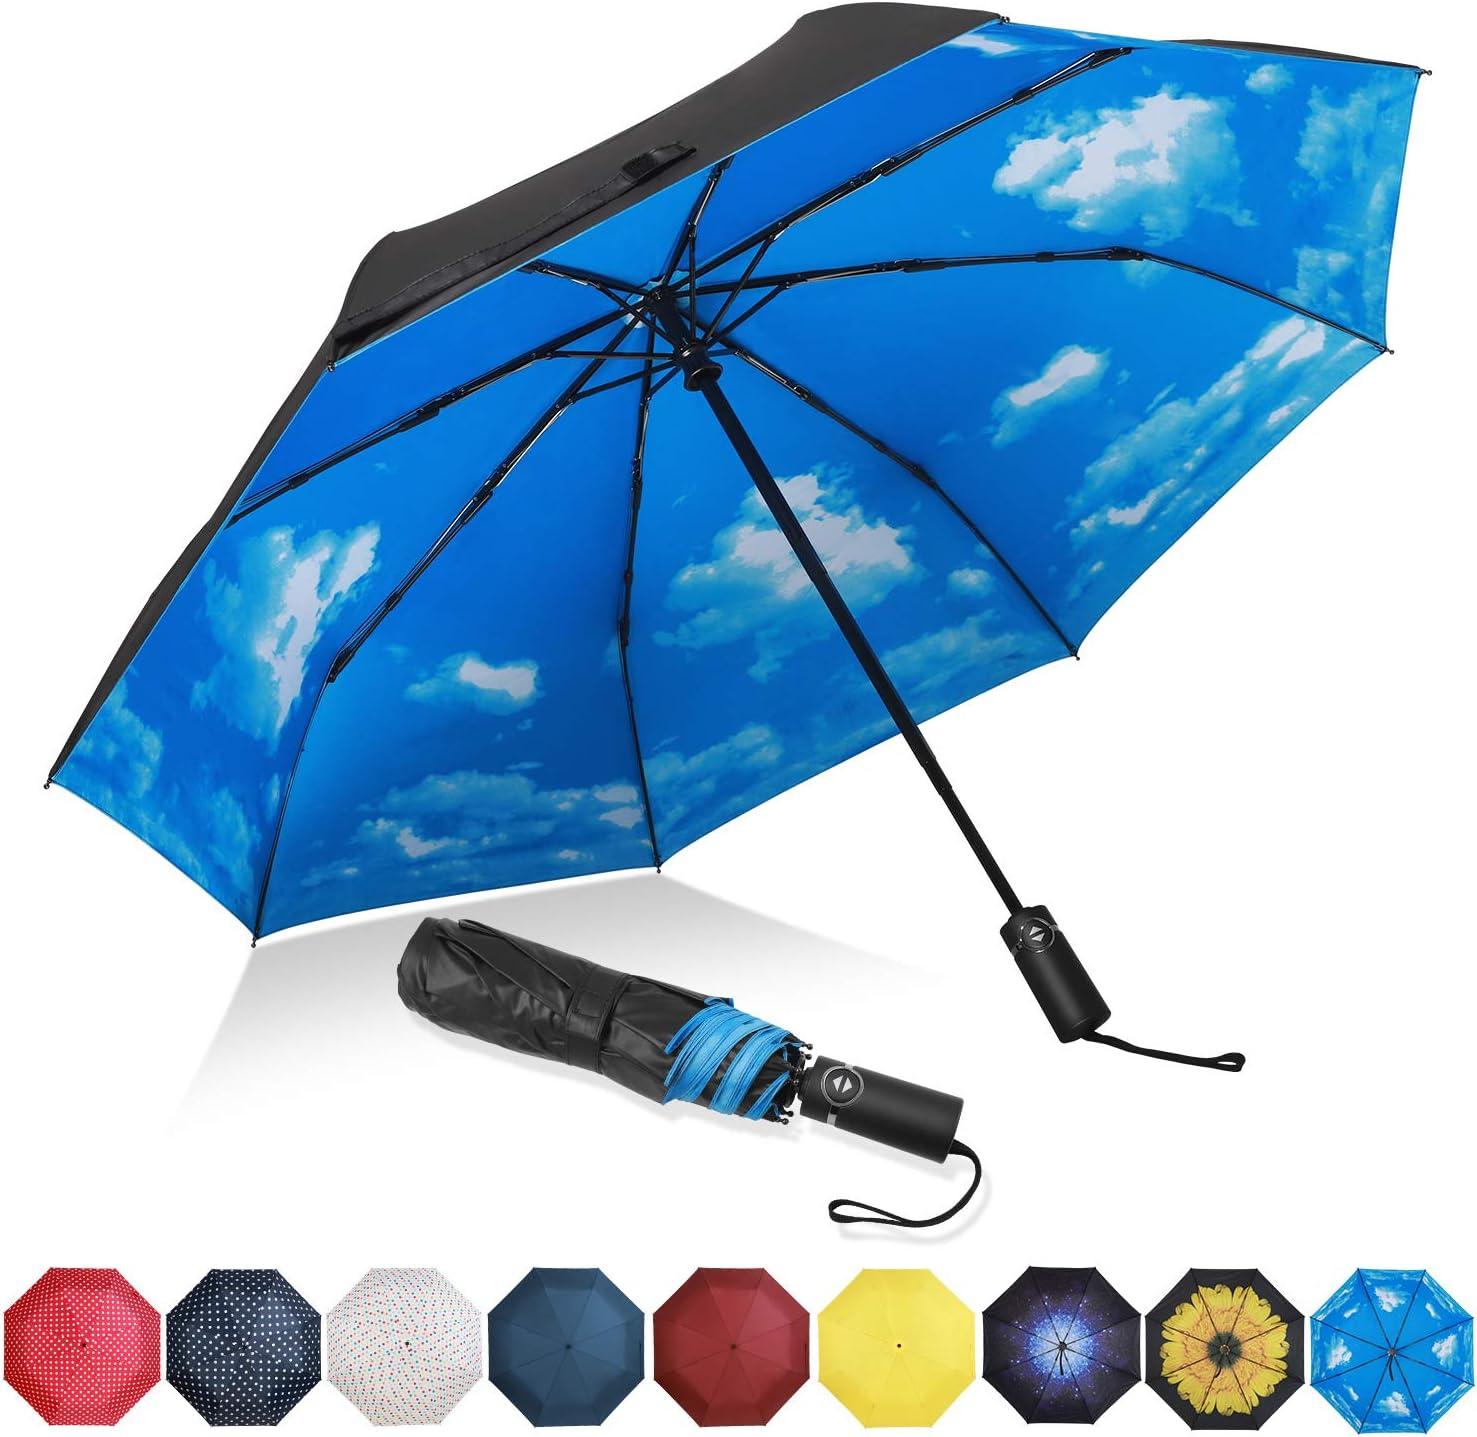 Eono by Amazon - Paraguas Plegable Automático Impermeable, Paraguas de Viaje Compacto a Prueba de Viento, Folding Umbrella, Recubrimiento de Teflón, Dosel Reforzado, Mango Ergonómico, Cielo